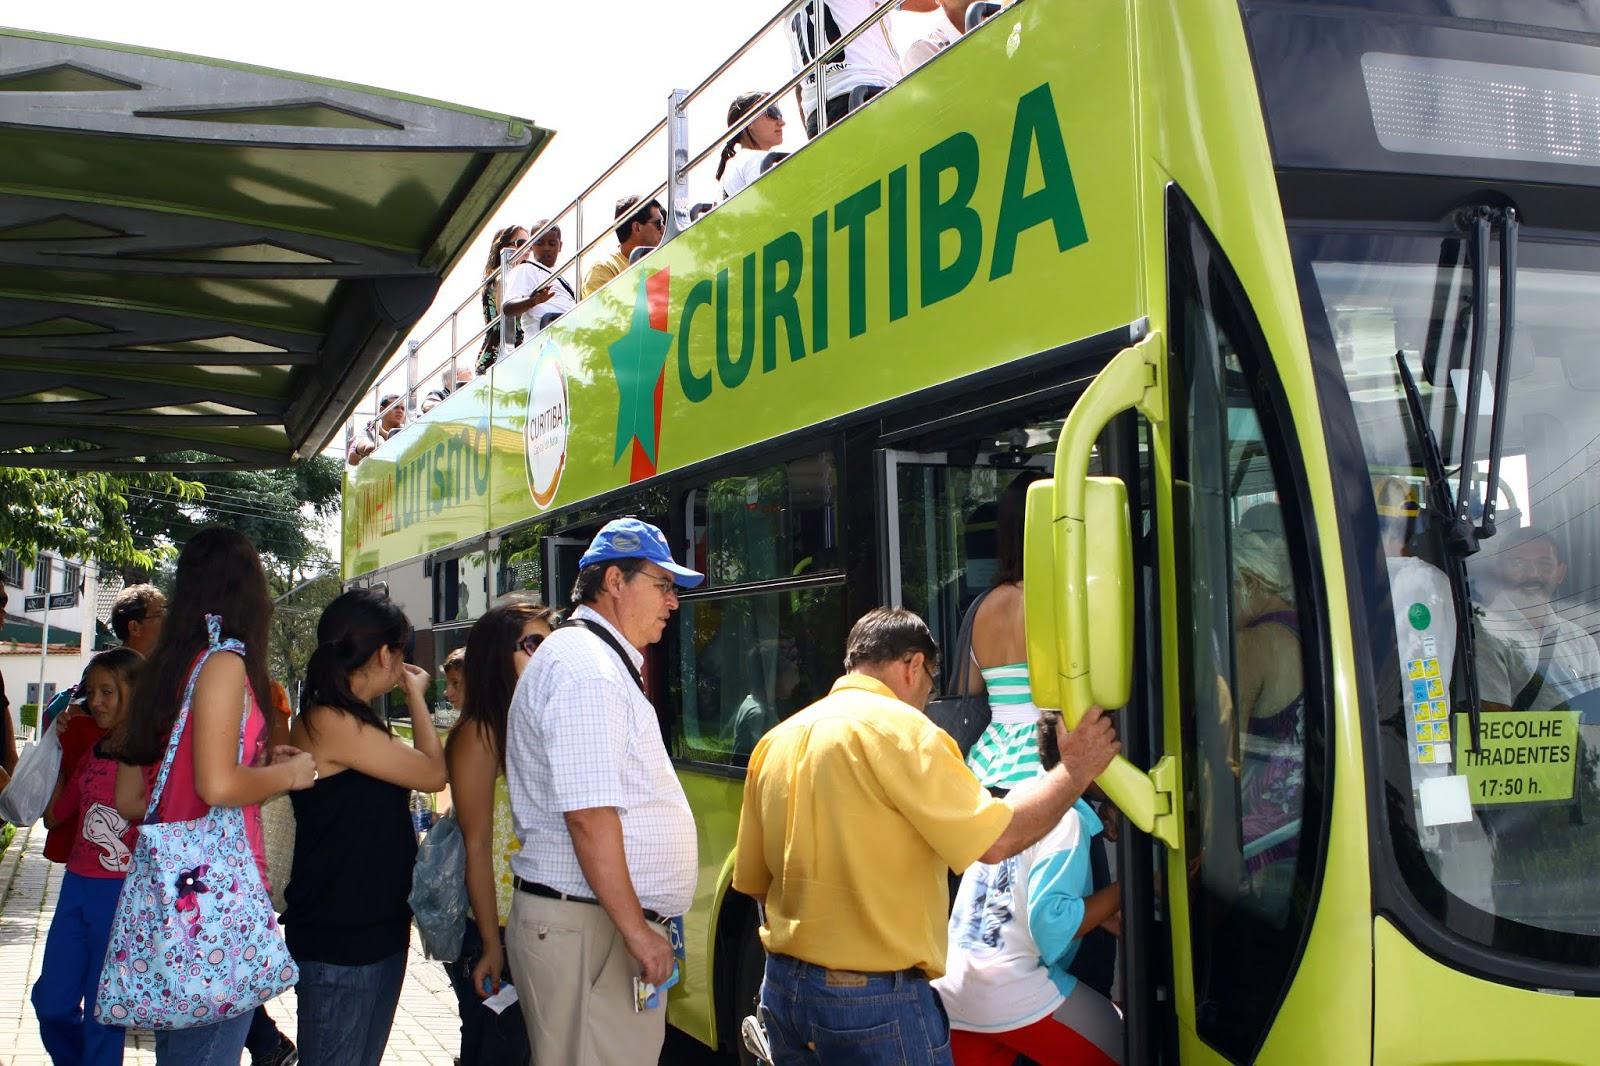 Dólar alto impulsiona procura por Curitiba em buscador de viagens